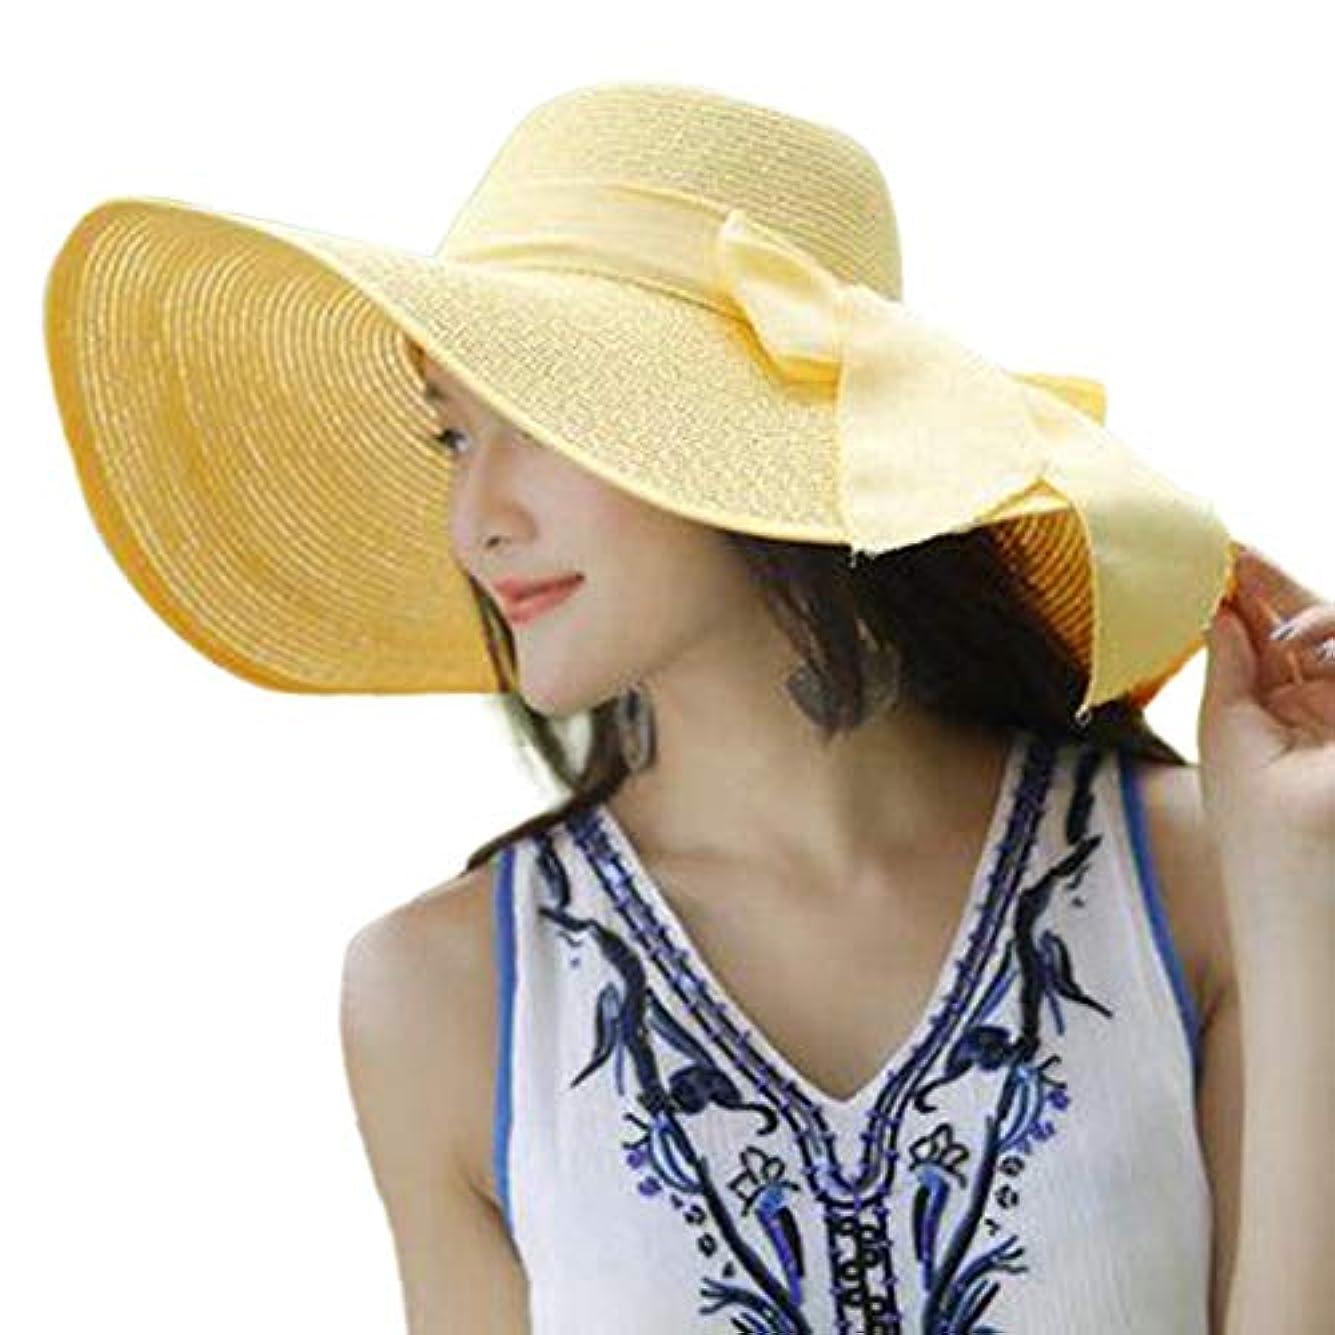 社会学チケット追加日除け帽子 ハット レディース ビッグバイザー 日よけ 夏季 日焼け 折りたたみ つば広 紫外線100%カット UV ハット 可愛い 顔効果抜群 サンバイザー 小顔効果 春夏 お出かけ用 ビーチハット 海辺 ROSE ROMAN